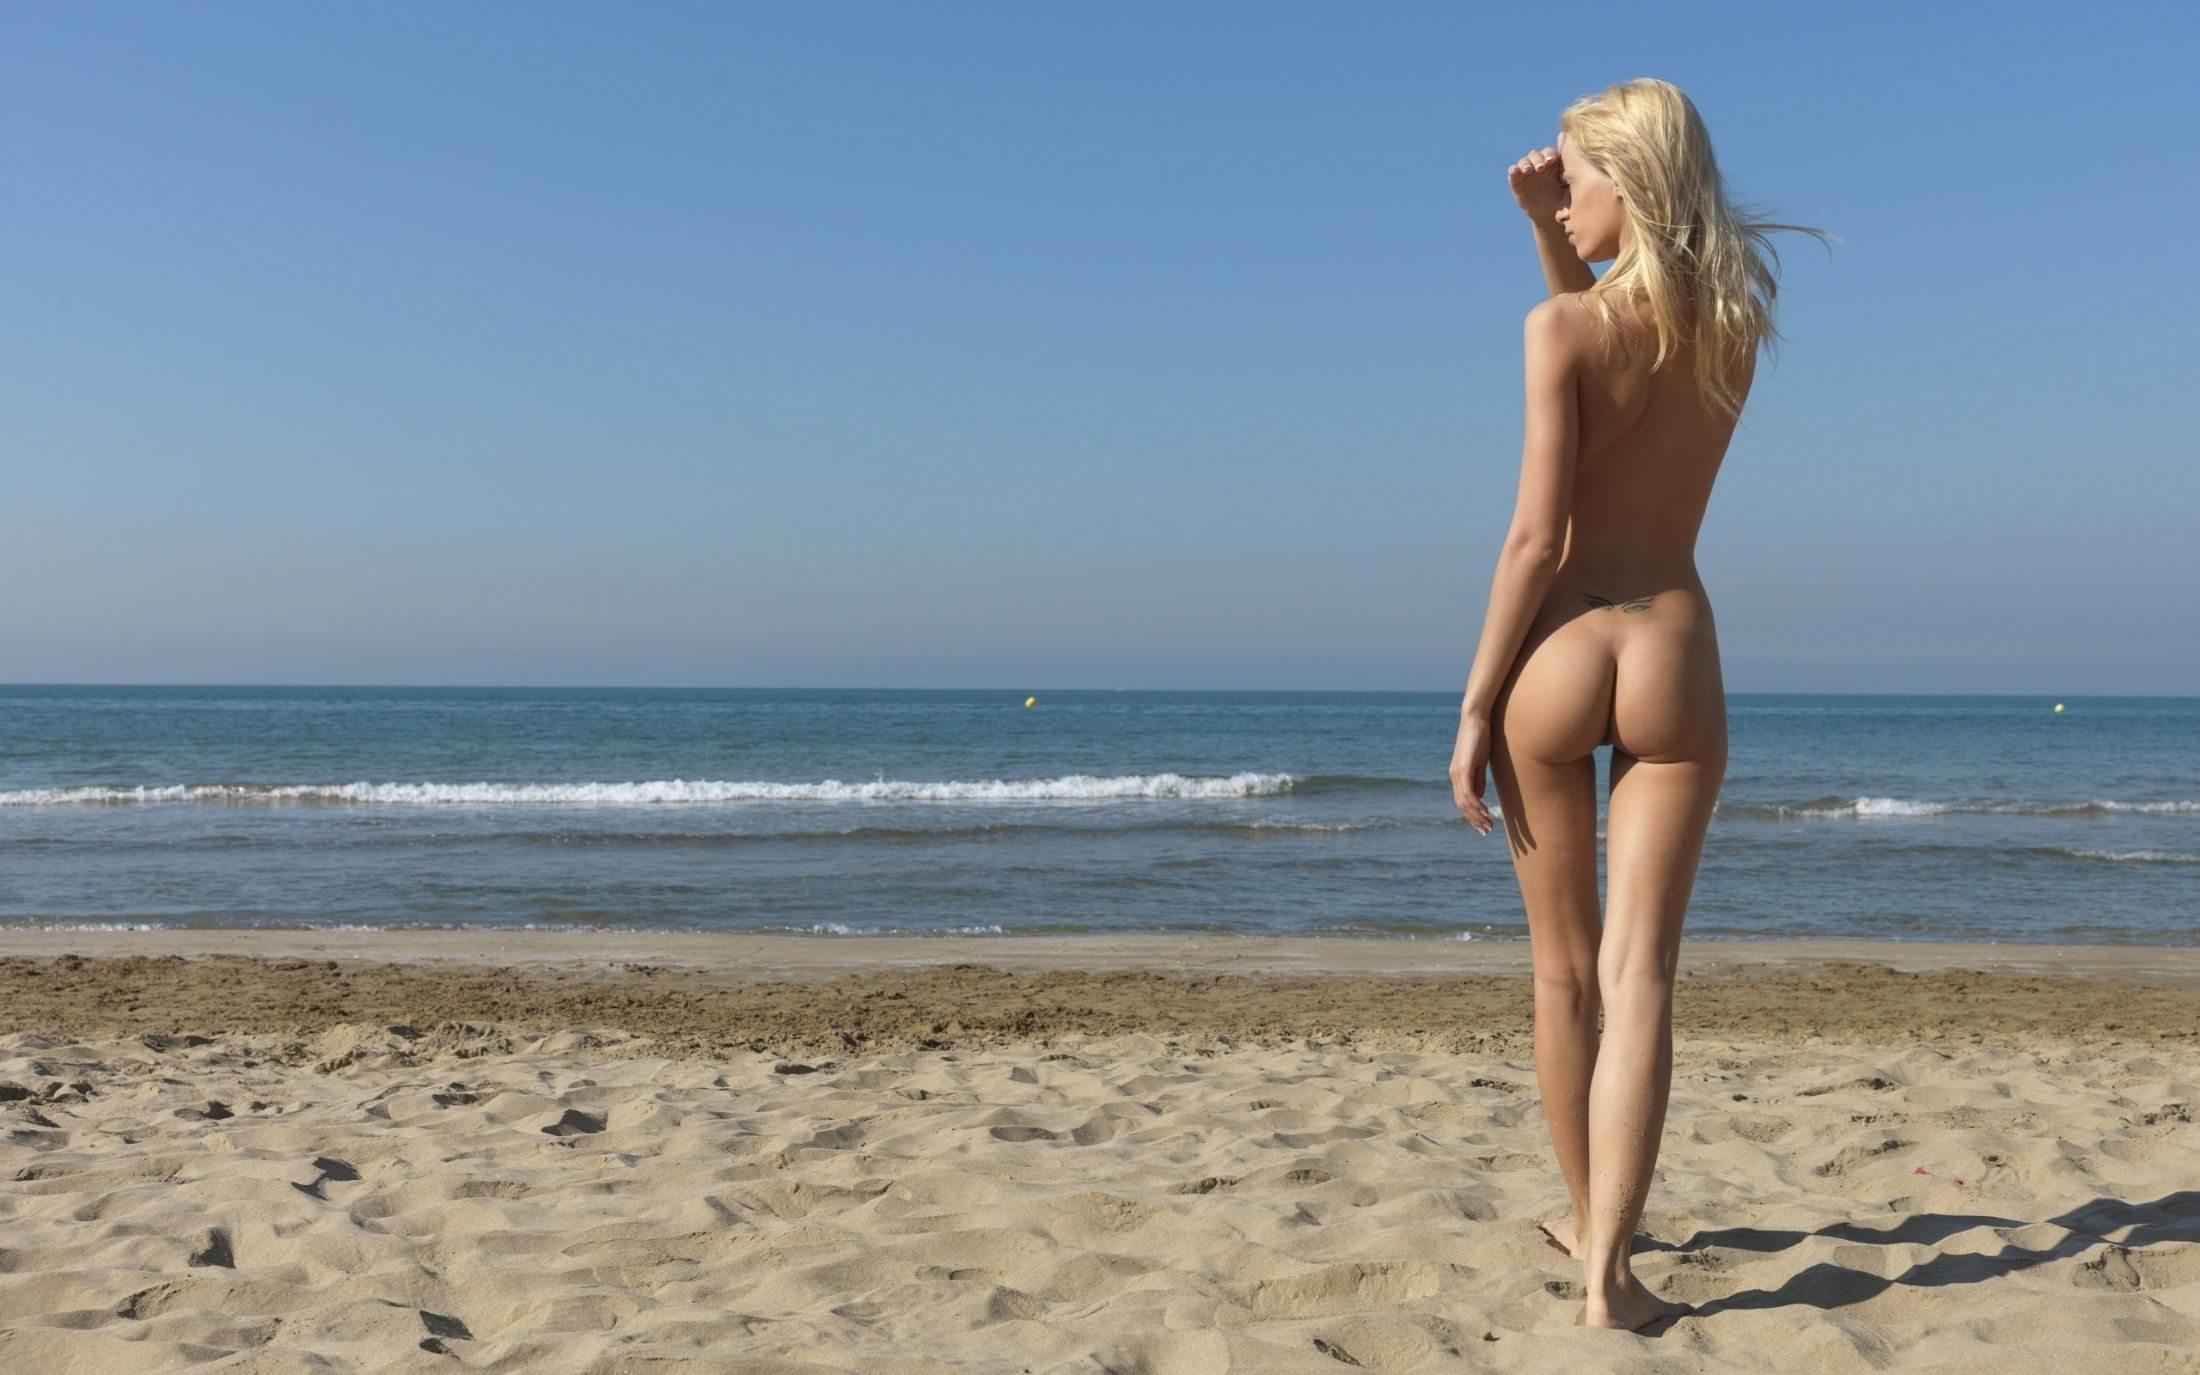 Фото Голая стройная блондинка смотрит на горизонт вдаль, закрыв ладонью глаза от солнечного света, стройные ножки, красивая упругая попка, пляж, море, синее небо, песок, нудистка. Skinny blonde on a beach, sand, nude girl, nice ass, harmonous legs, sea, horizon, скачать картинку бесплатно